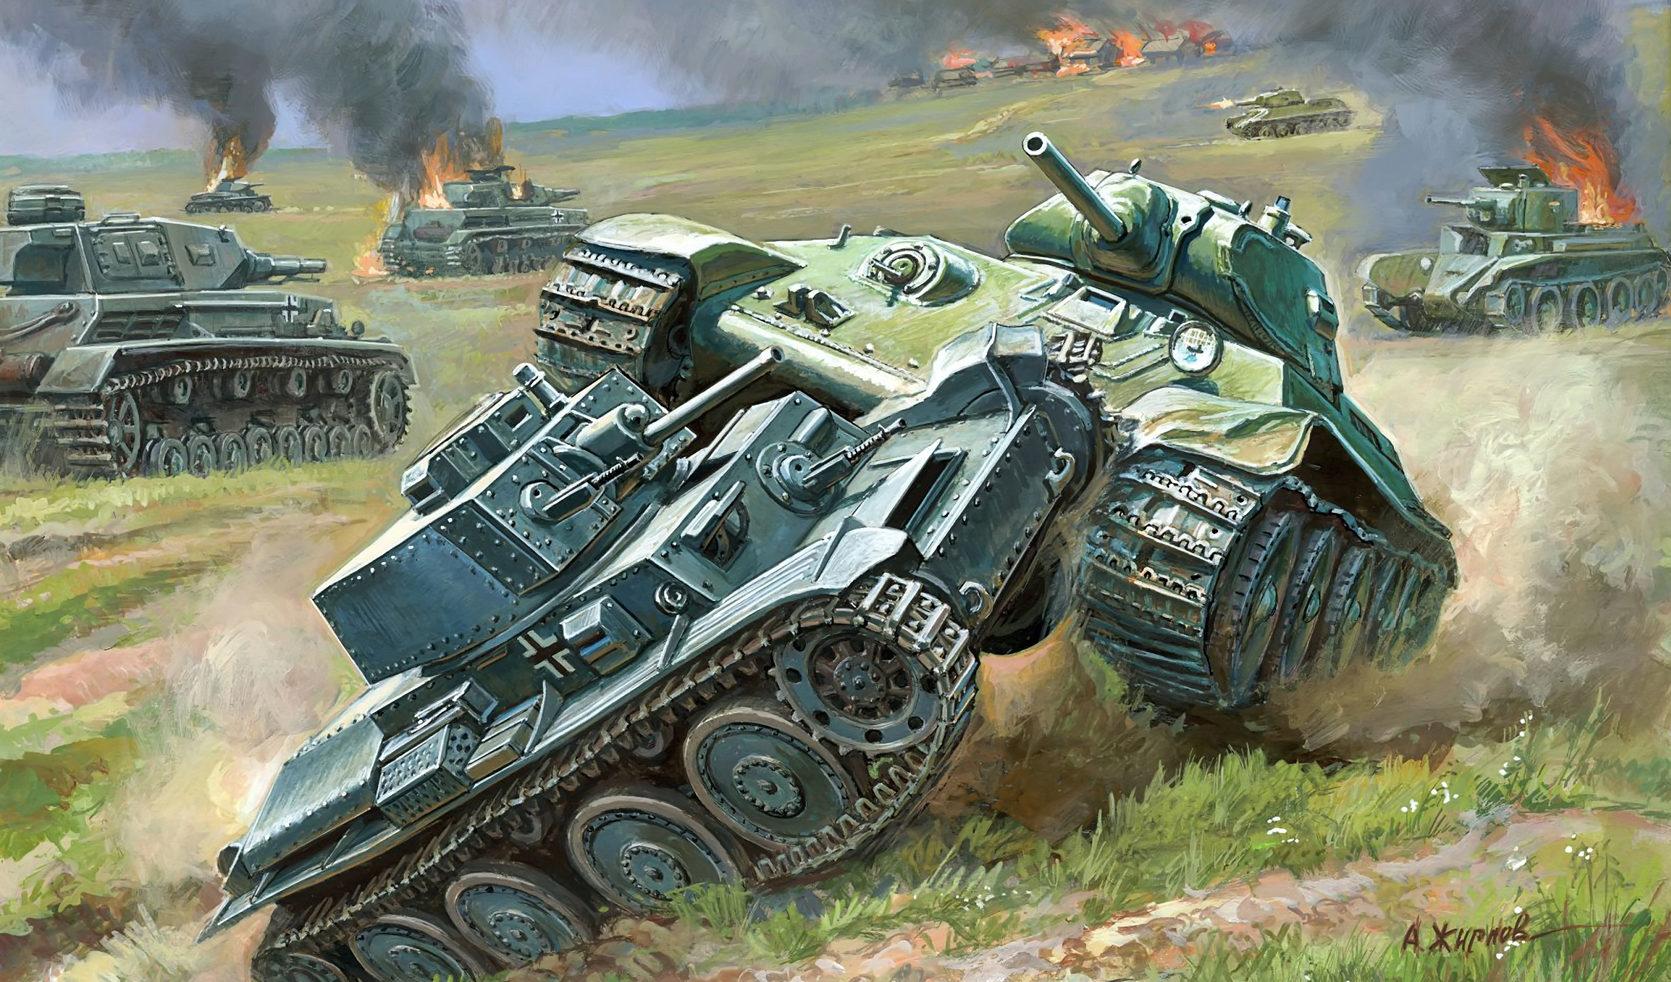 Жирнов Андрей. Танковый бой.